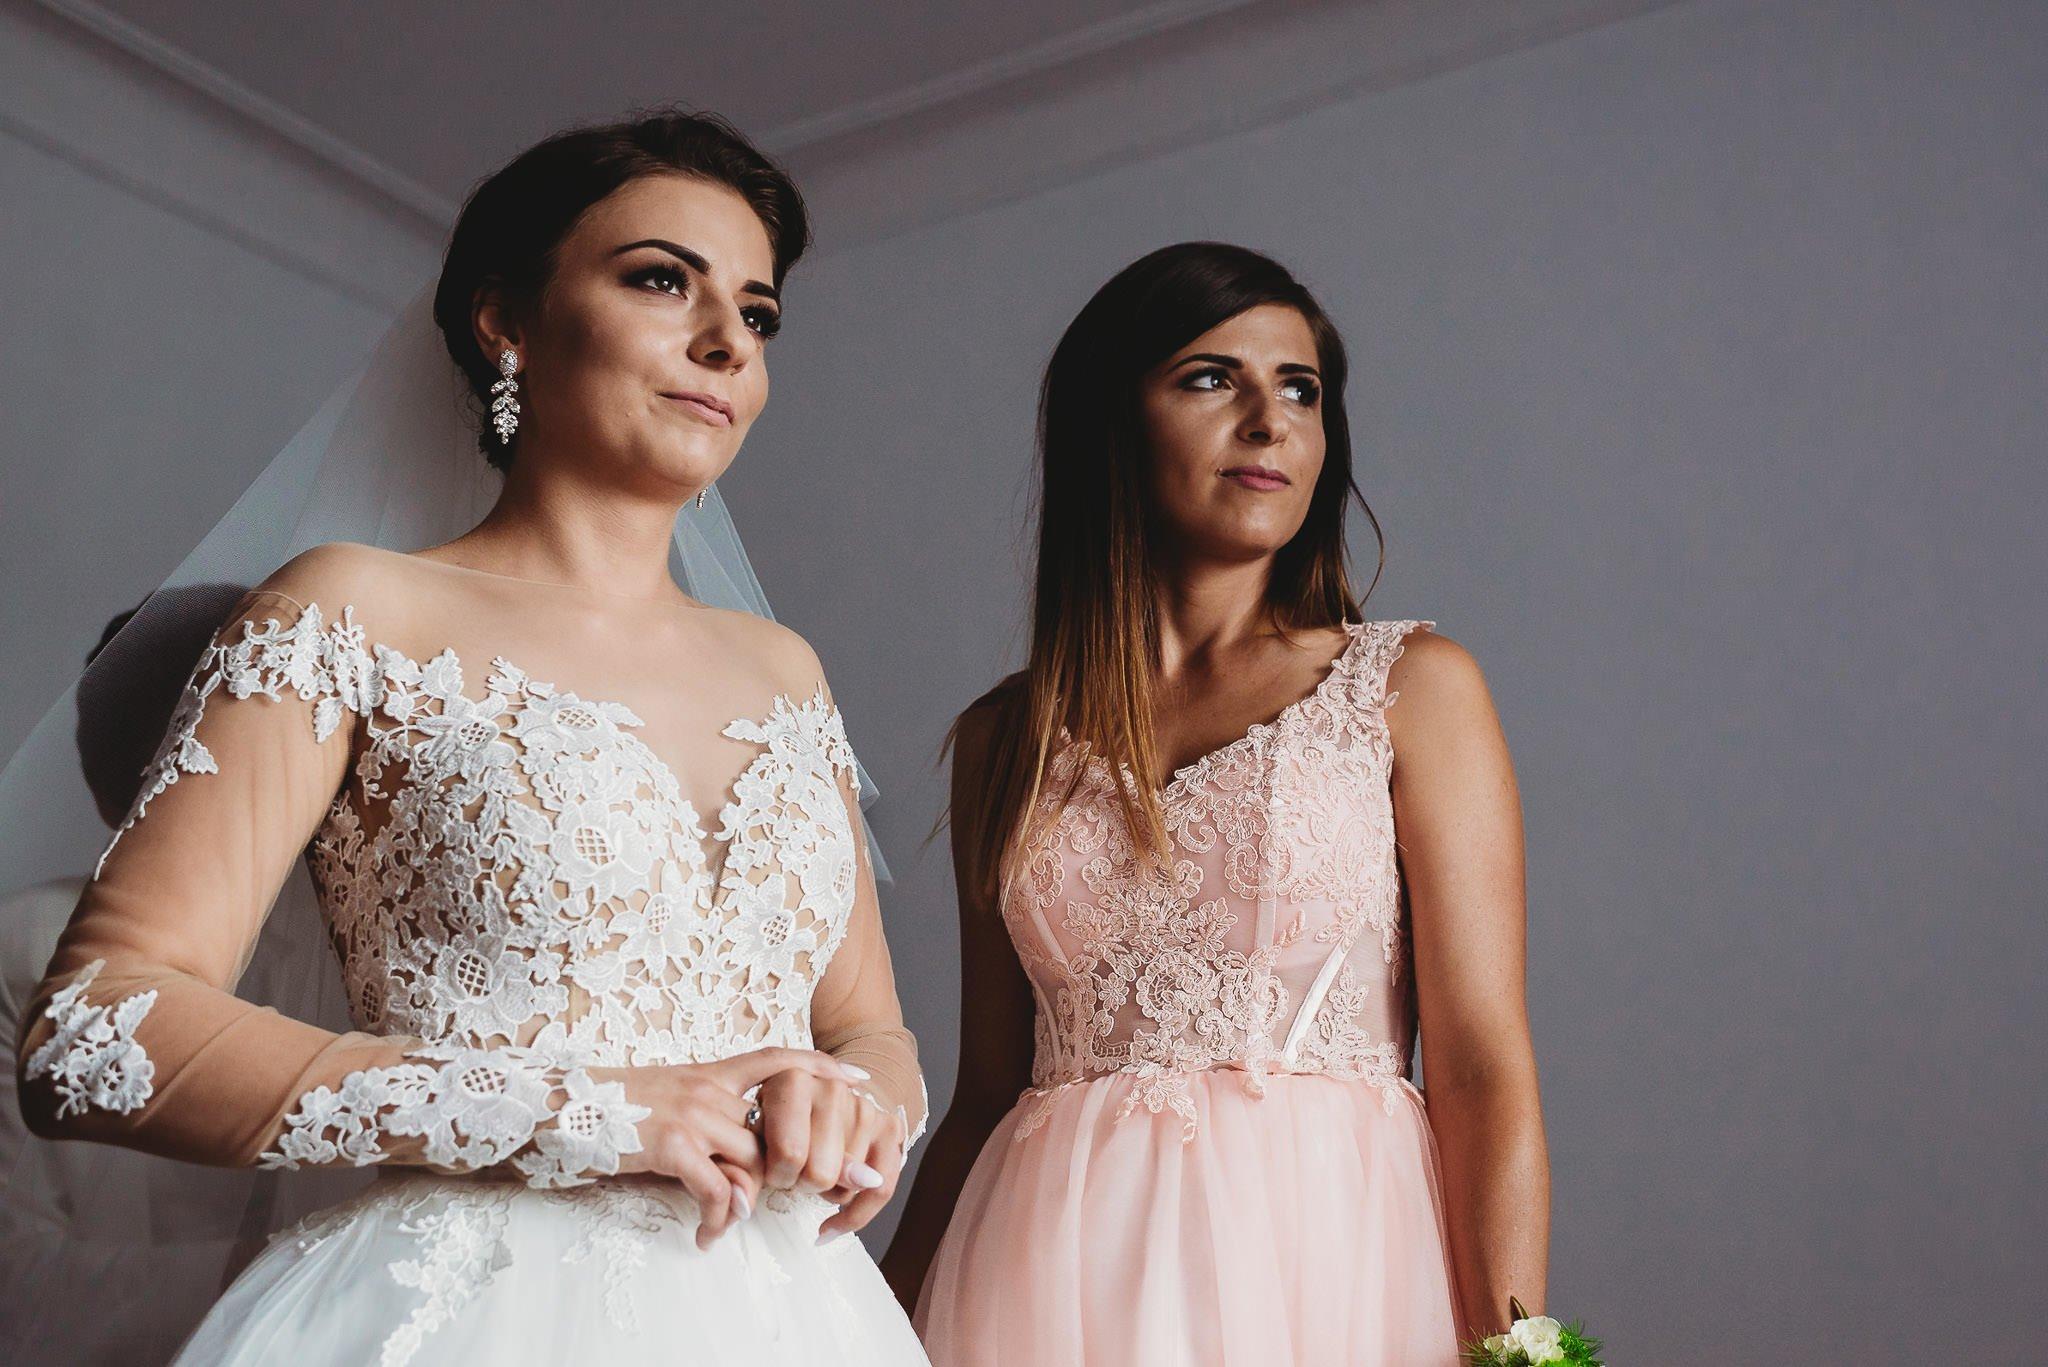 Angelika i Michał, piękne zdjęcia ślubne i sesja plenerowa w Gołuchowie 56